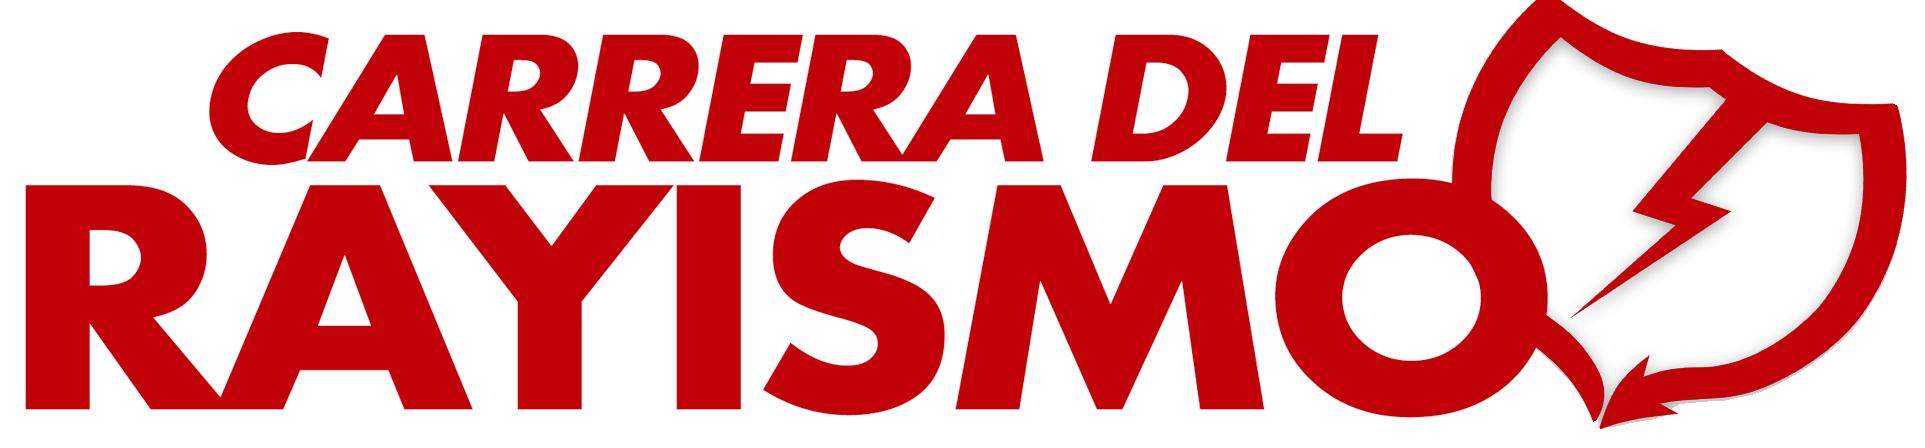 CARRERA DEL RAYISMO